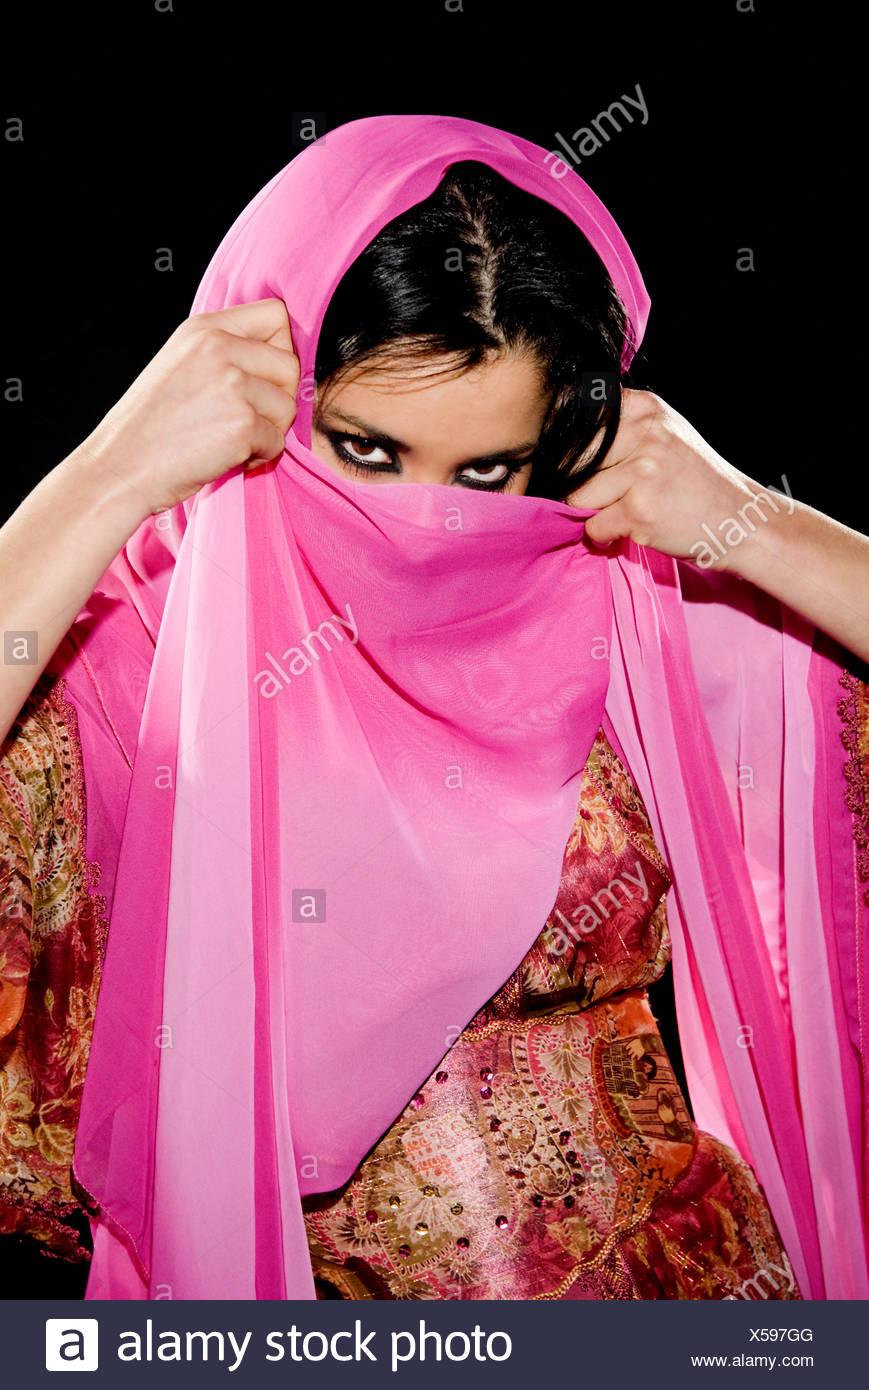 Arabian mujer vestida con un traje tradicional sobre fondo negro Imagen De Stock